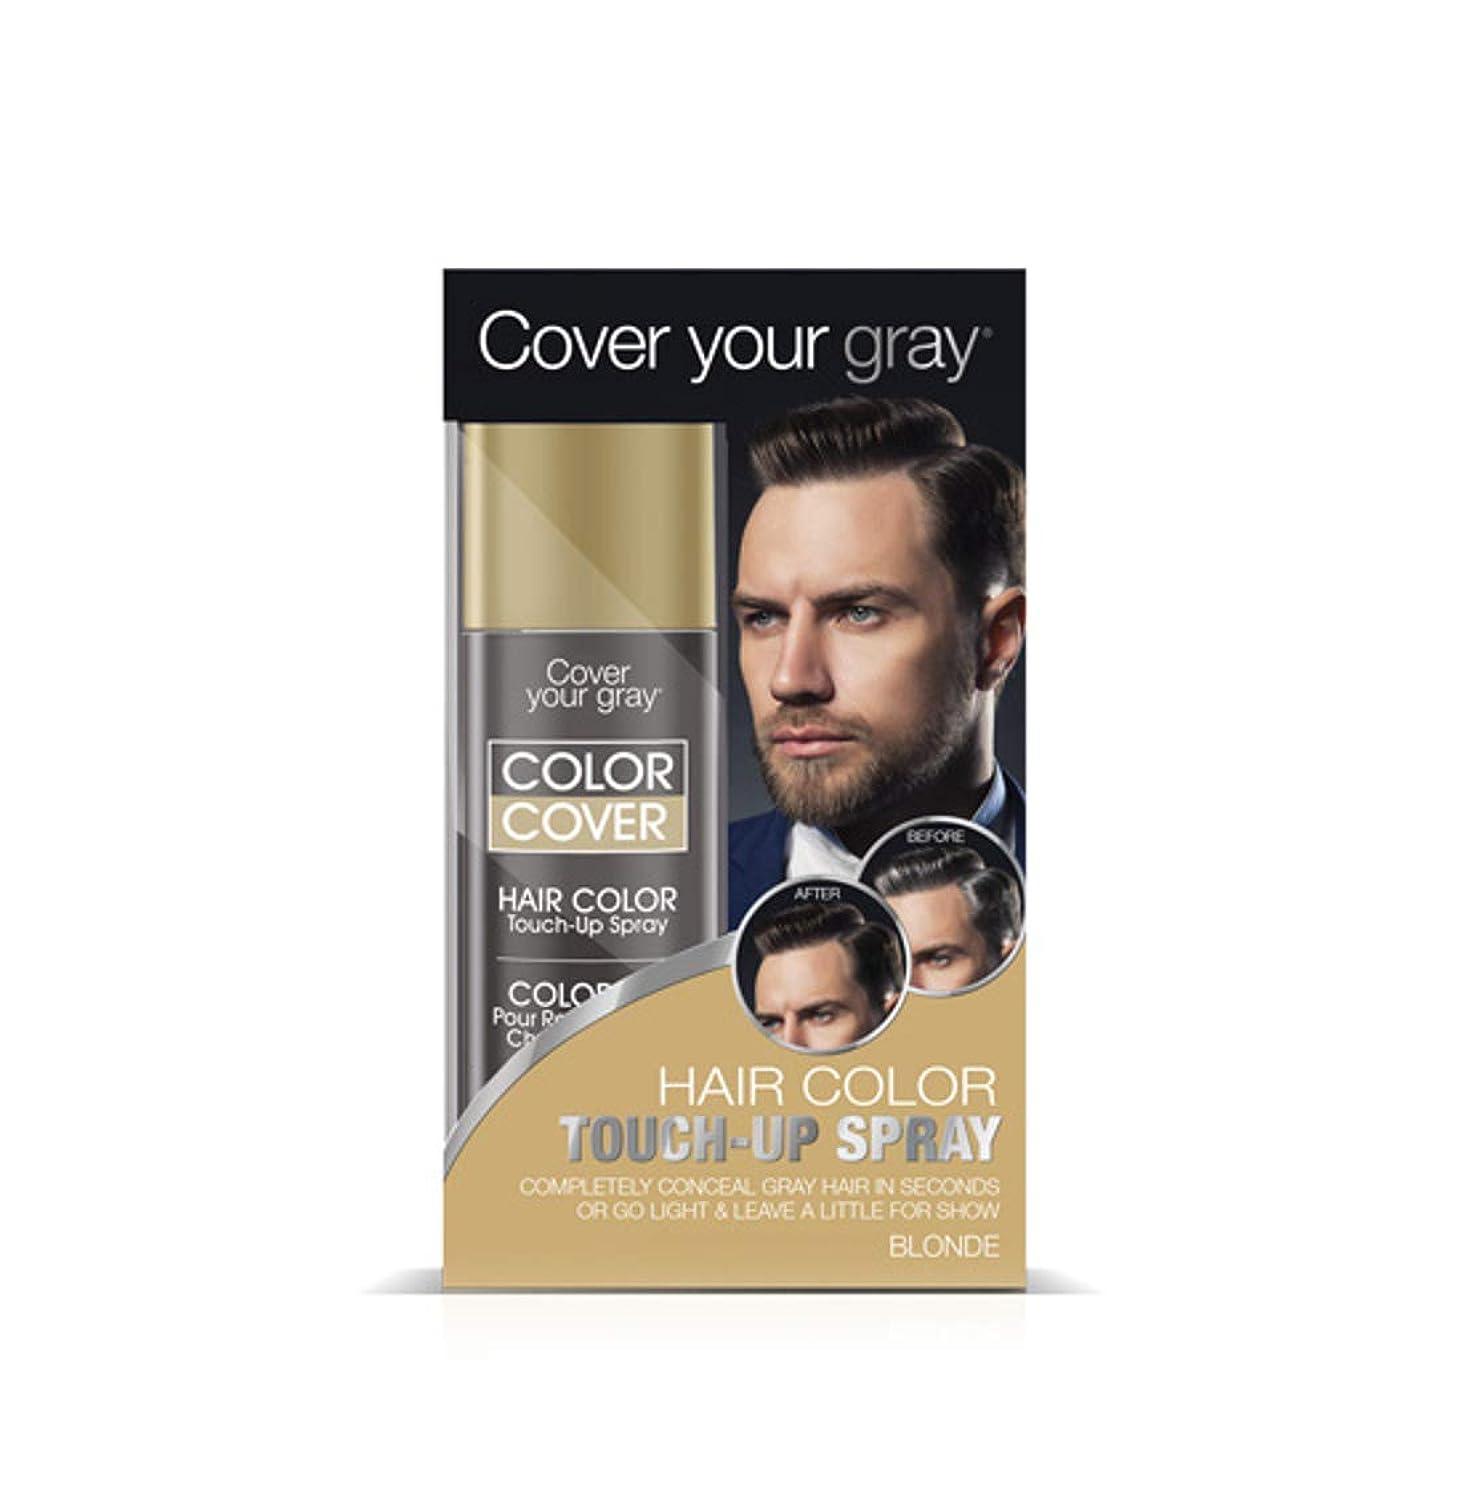 汚染された通知ピルCover Your Gray メンズカラーカバータッチアップスプレー - ブロンド(4パック)